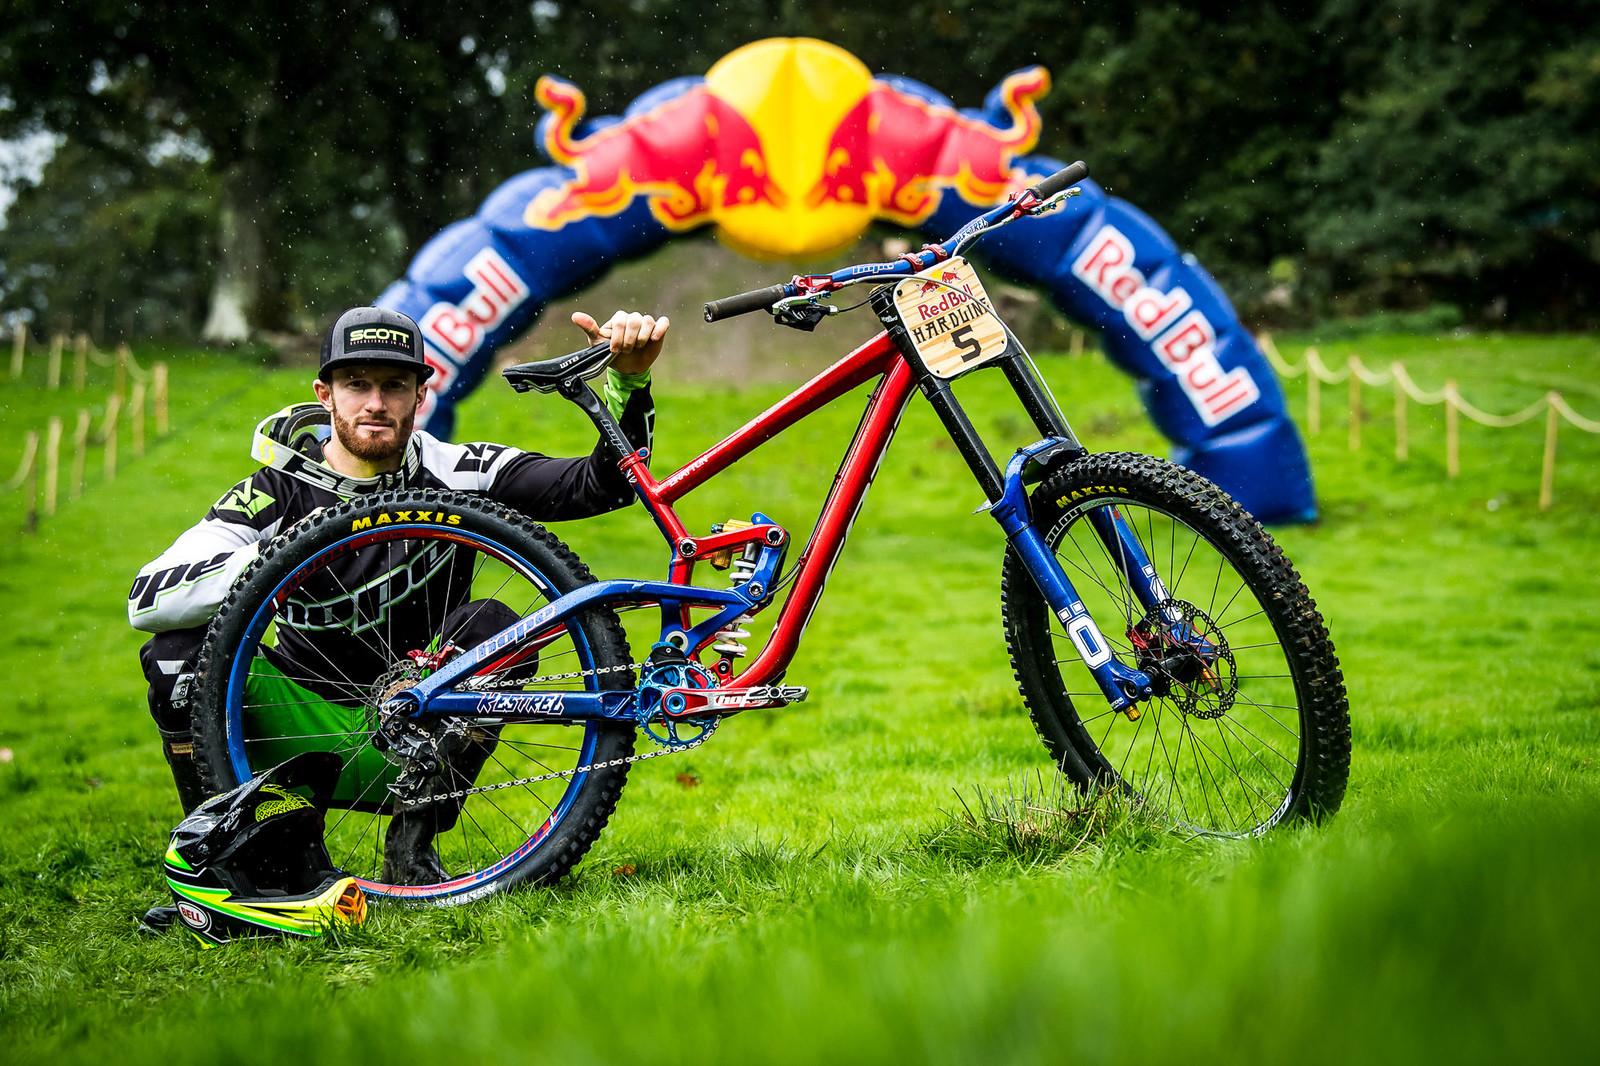 Adam Brayton and His Scott Gambler Worlds Bike - Red Bull Hardline 2018 Riders and Bikes - Mountain Biking Pictures - Vital MTB